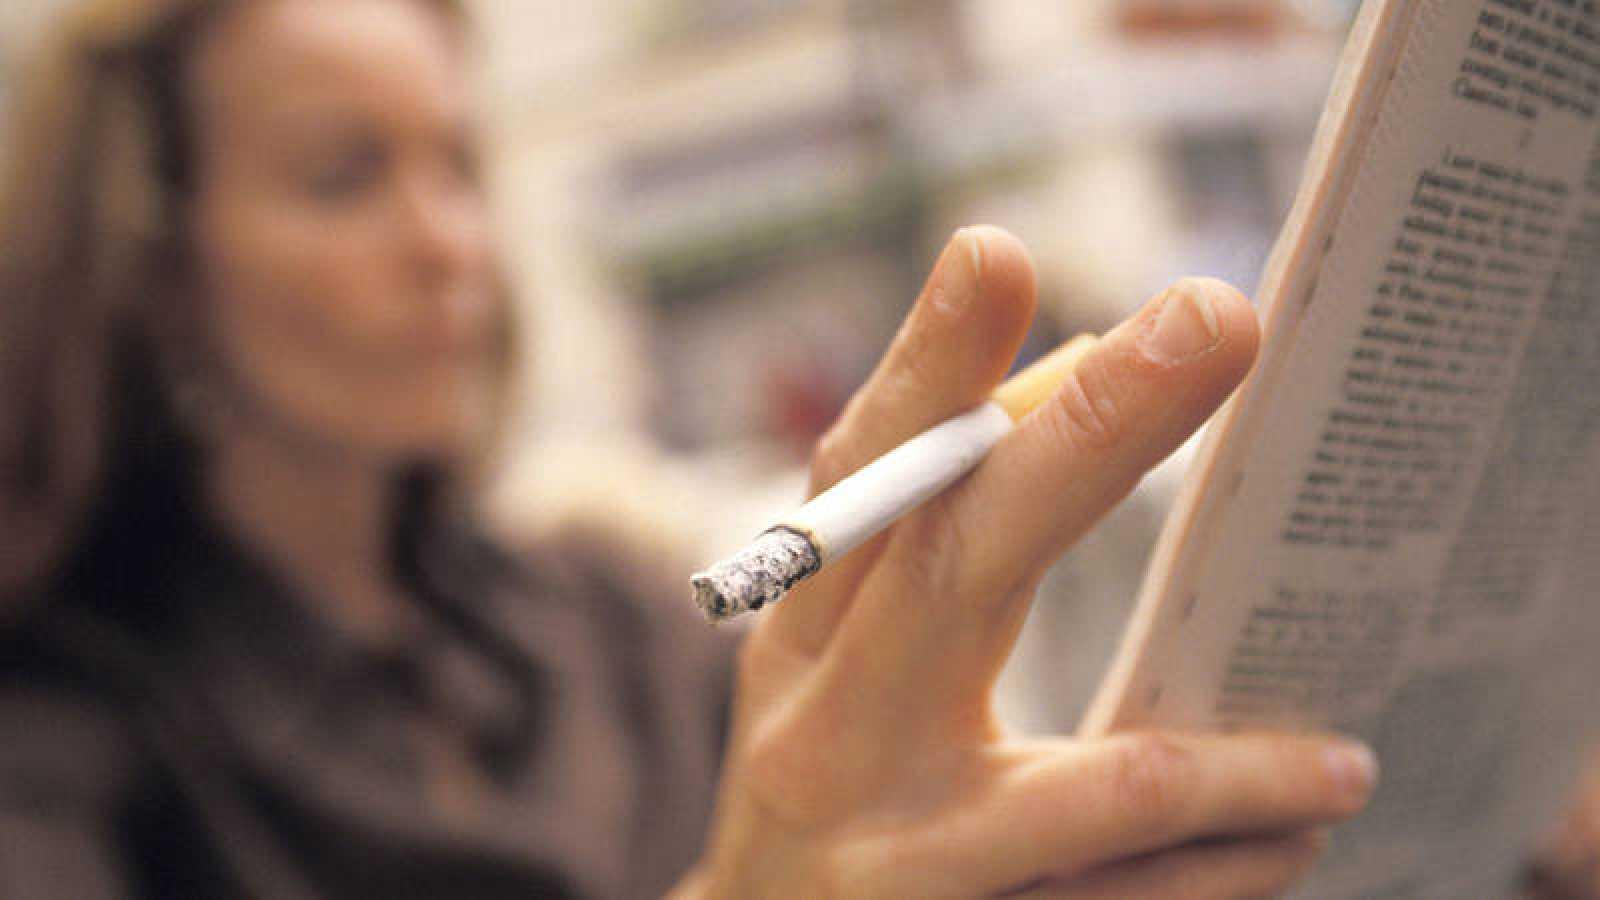 En España, en los próximos años la tasa de mortalidad por cáncer de pulmón entre las mujeres podría incrementarse un 159%.